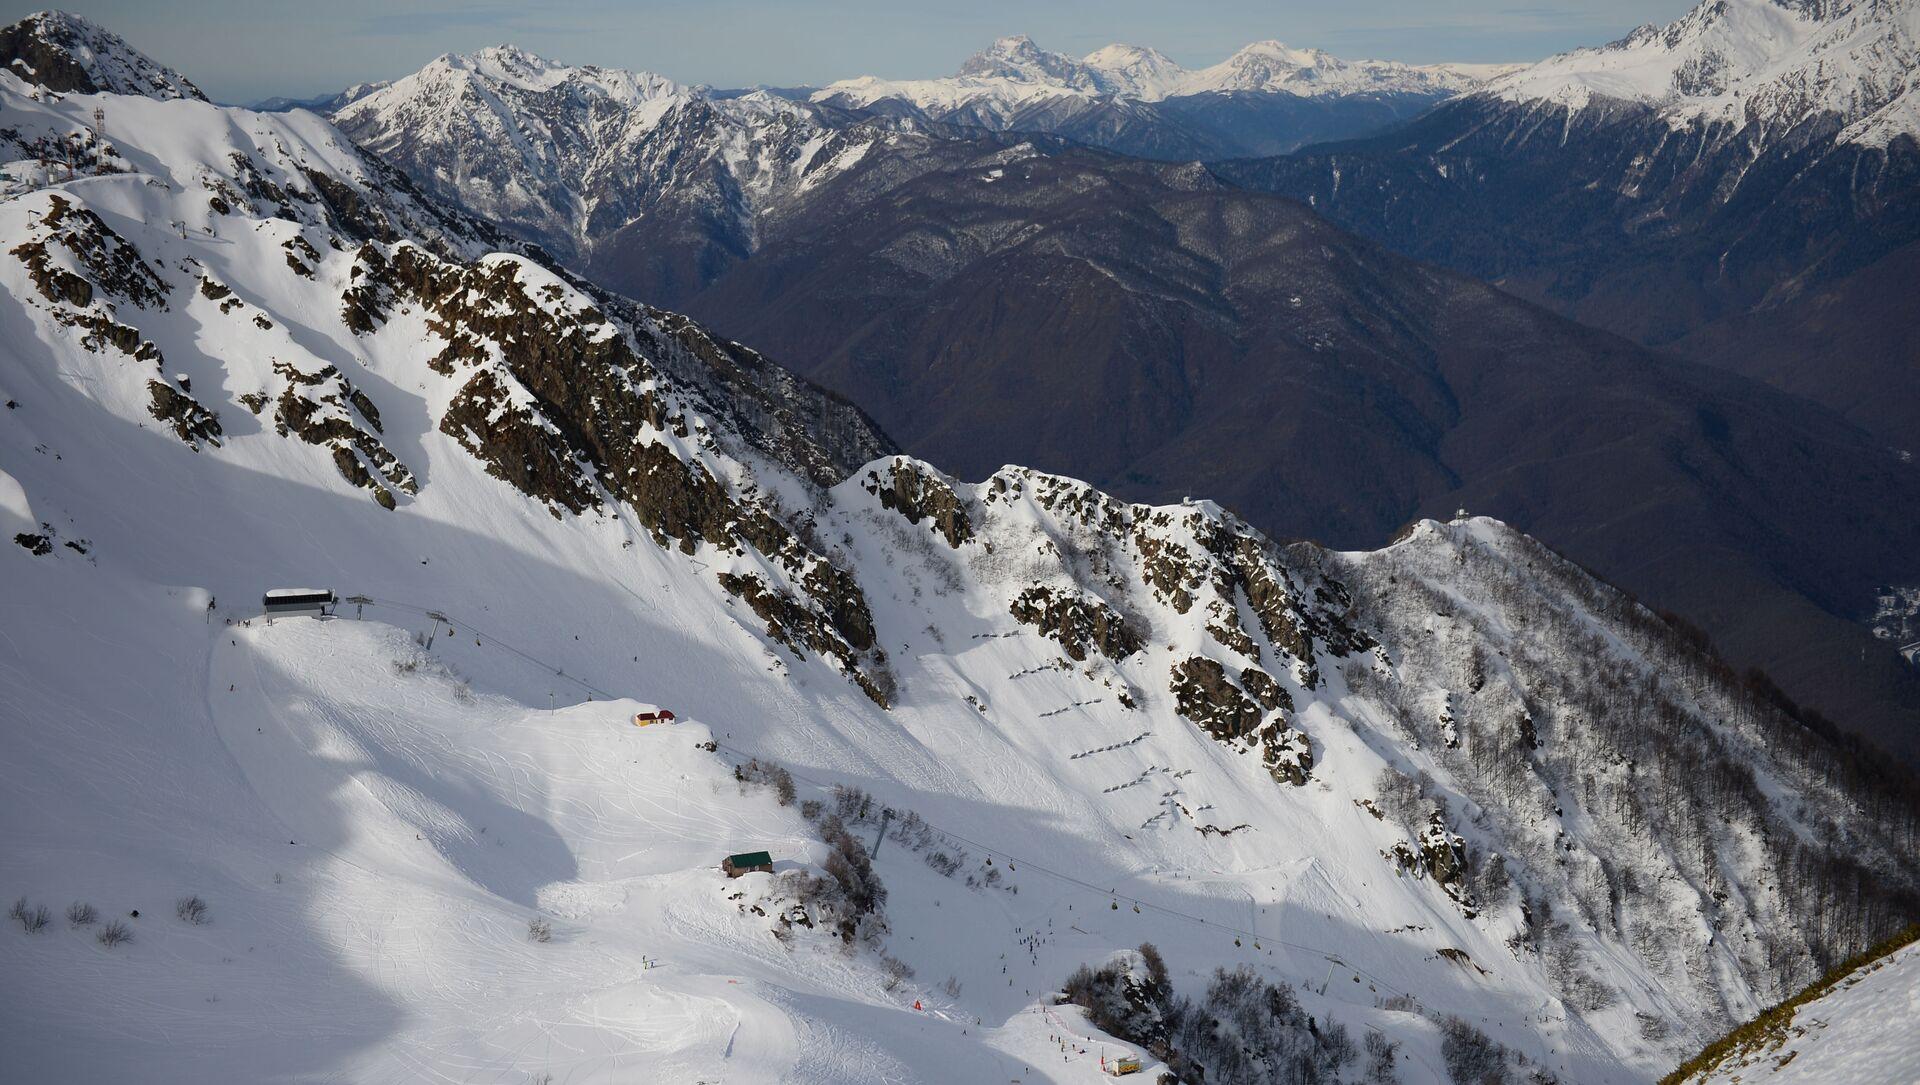 Открытие сезона на горнолыжном курорте Роза Хутор в Сочи - Sputnik Аҧсны, 1920, 20.05.2021